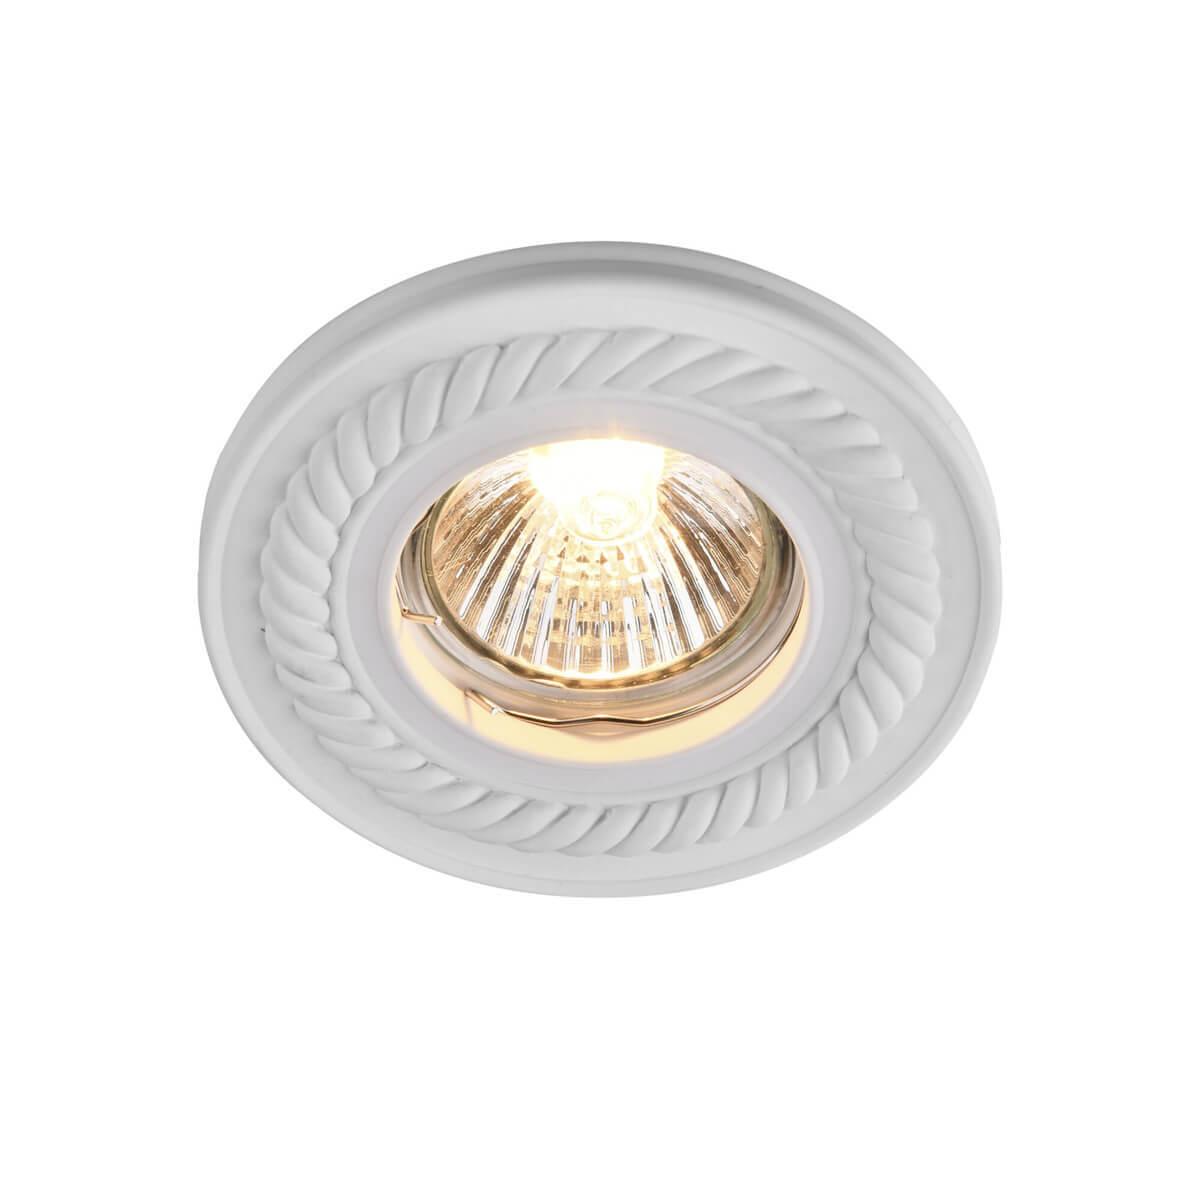 Светильник Maytoni DL283-1-01-W Gyps (Возможна покраска)